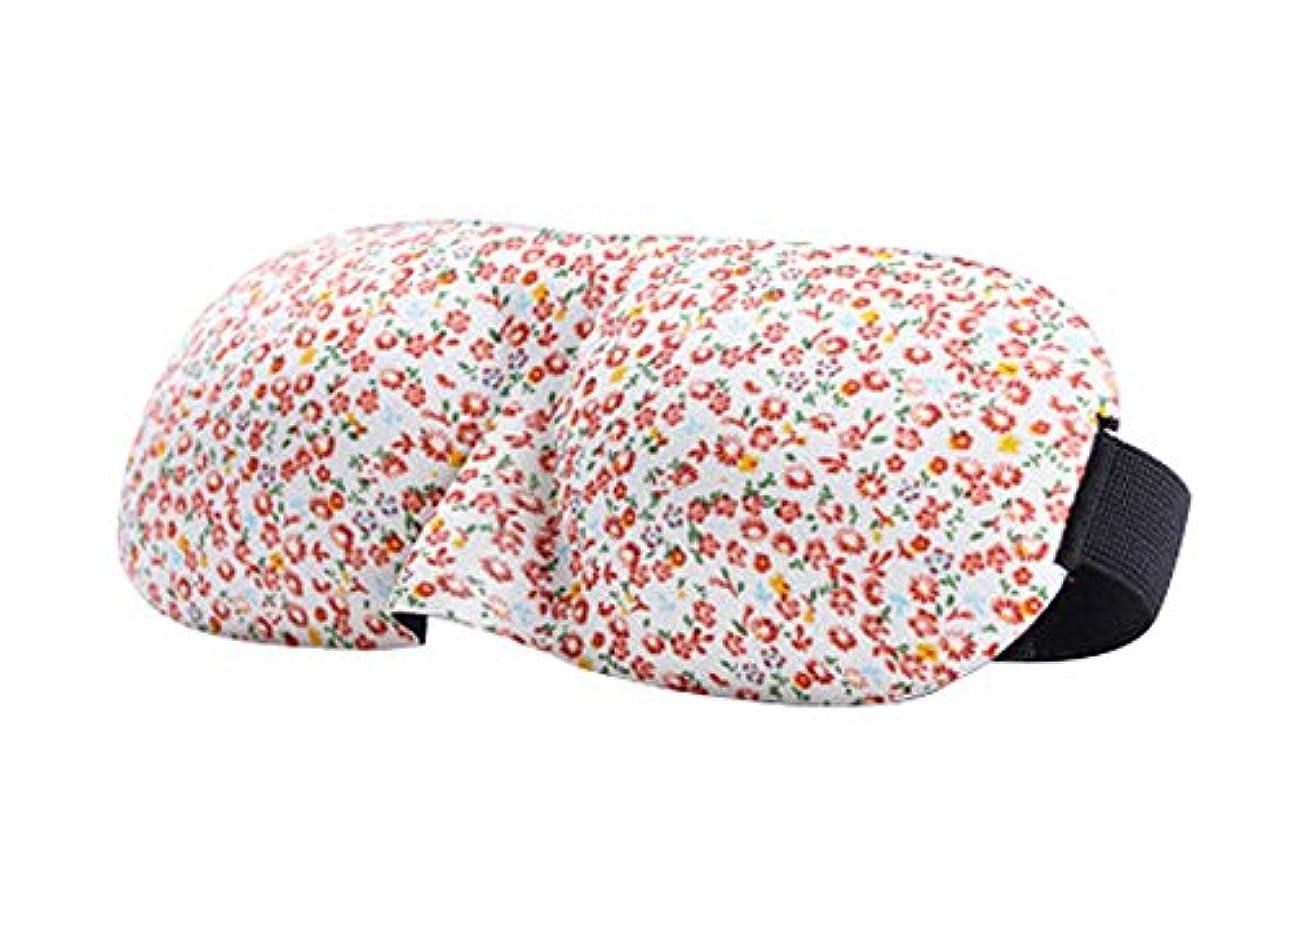 解明する特別な有用2つの素敵な花のアイシェイド睡眠アイマスク男性女性の3Dソフトアイマスク